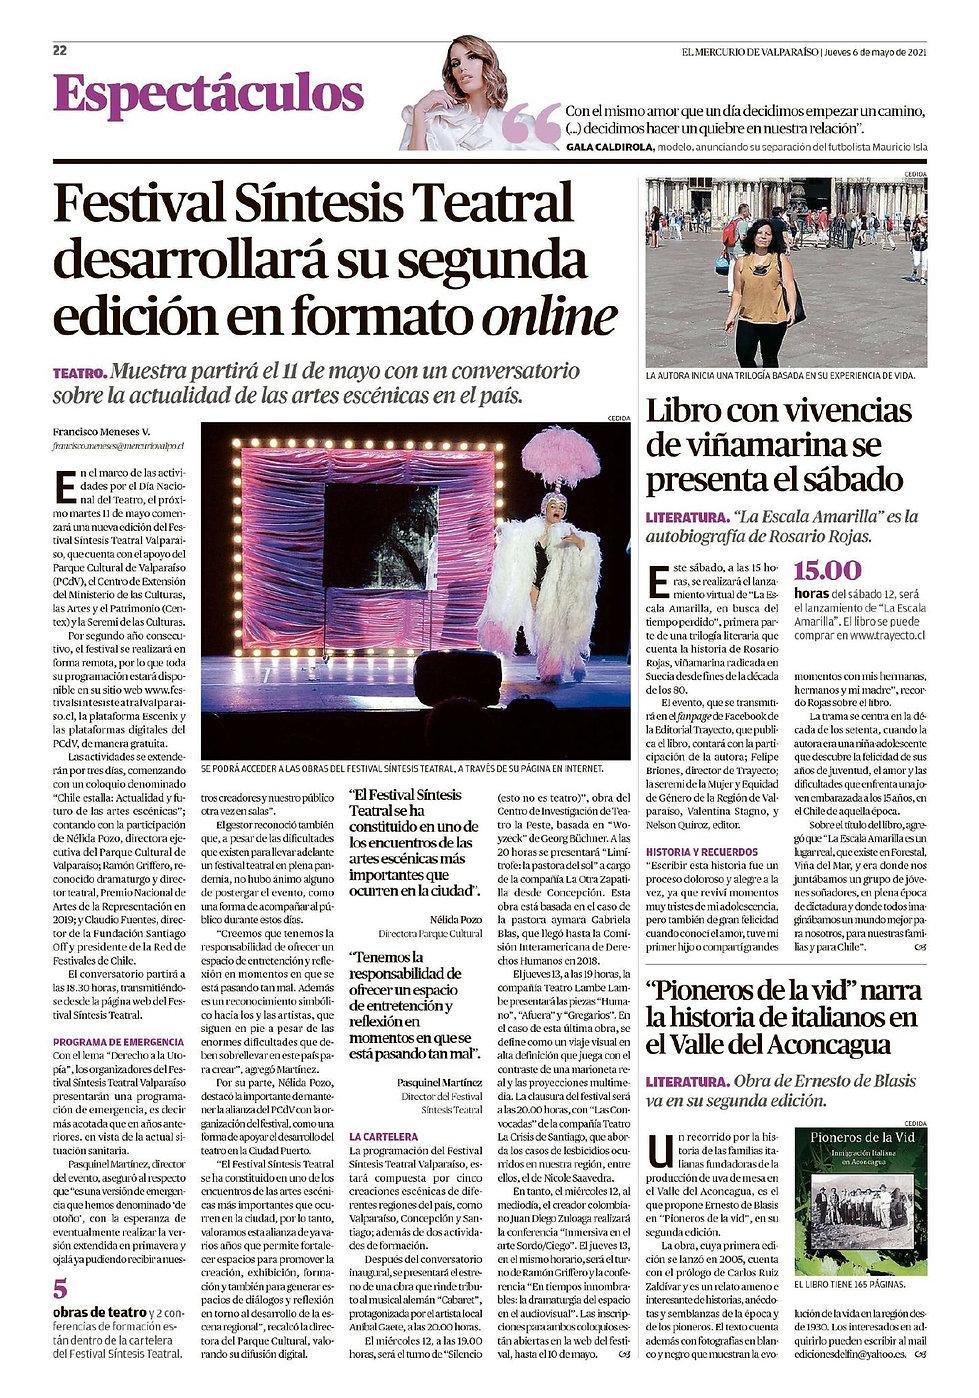 2021.05.06 Mercurio Valparaíso_page-0022